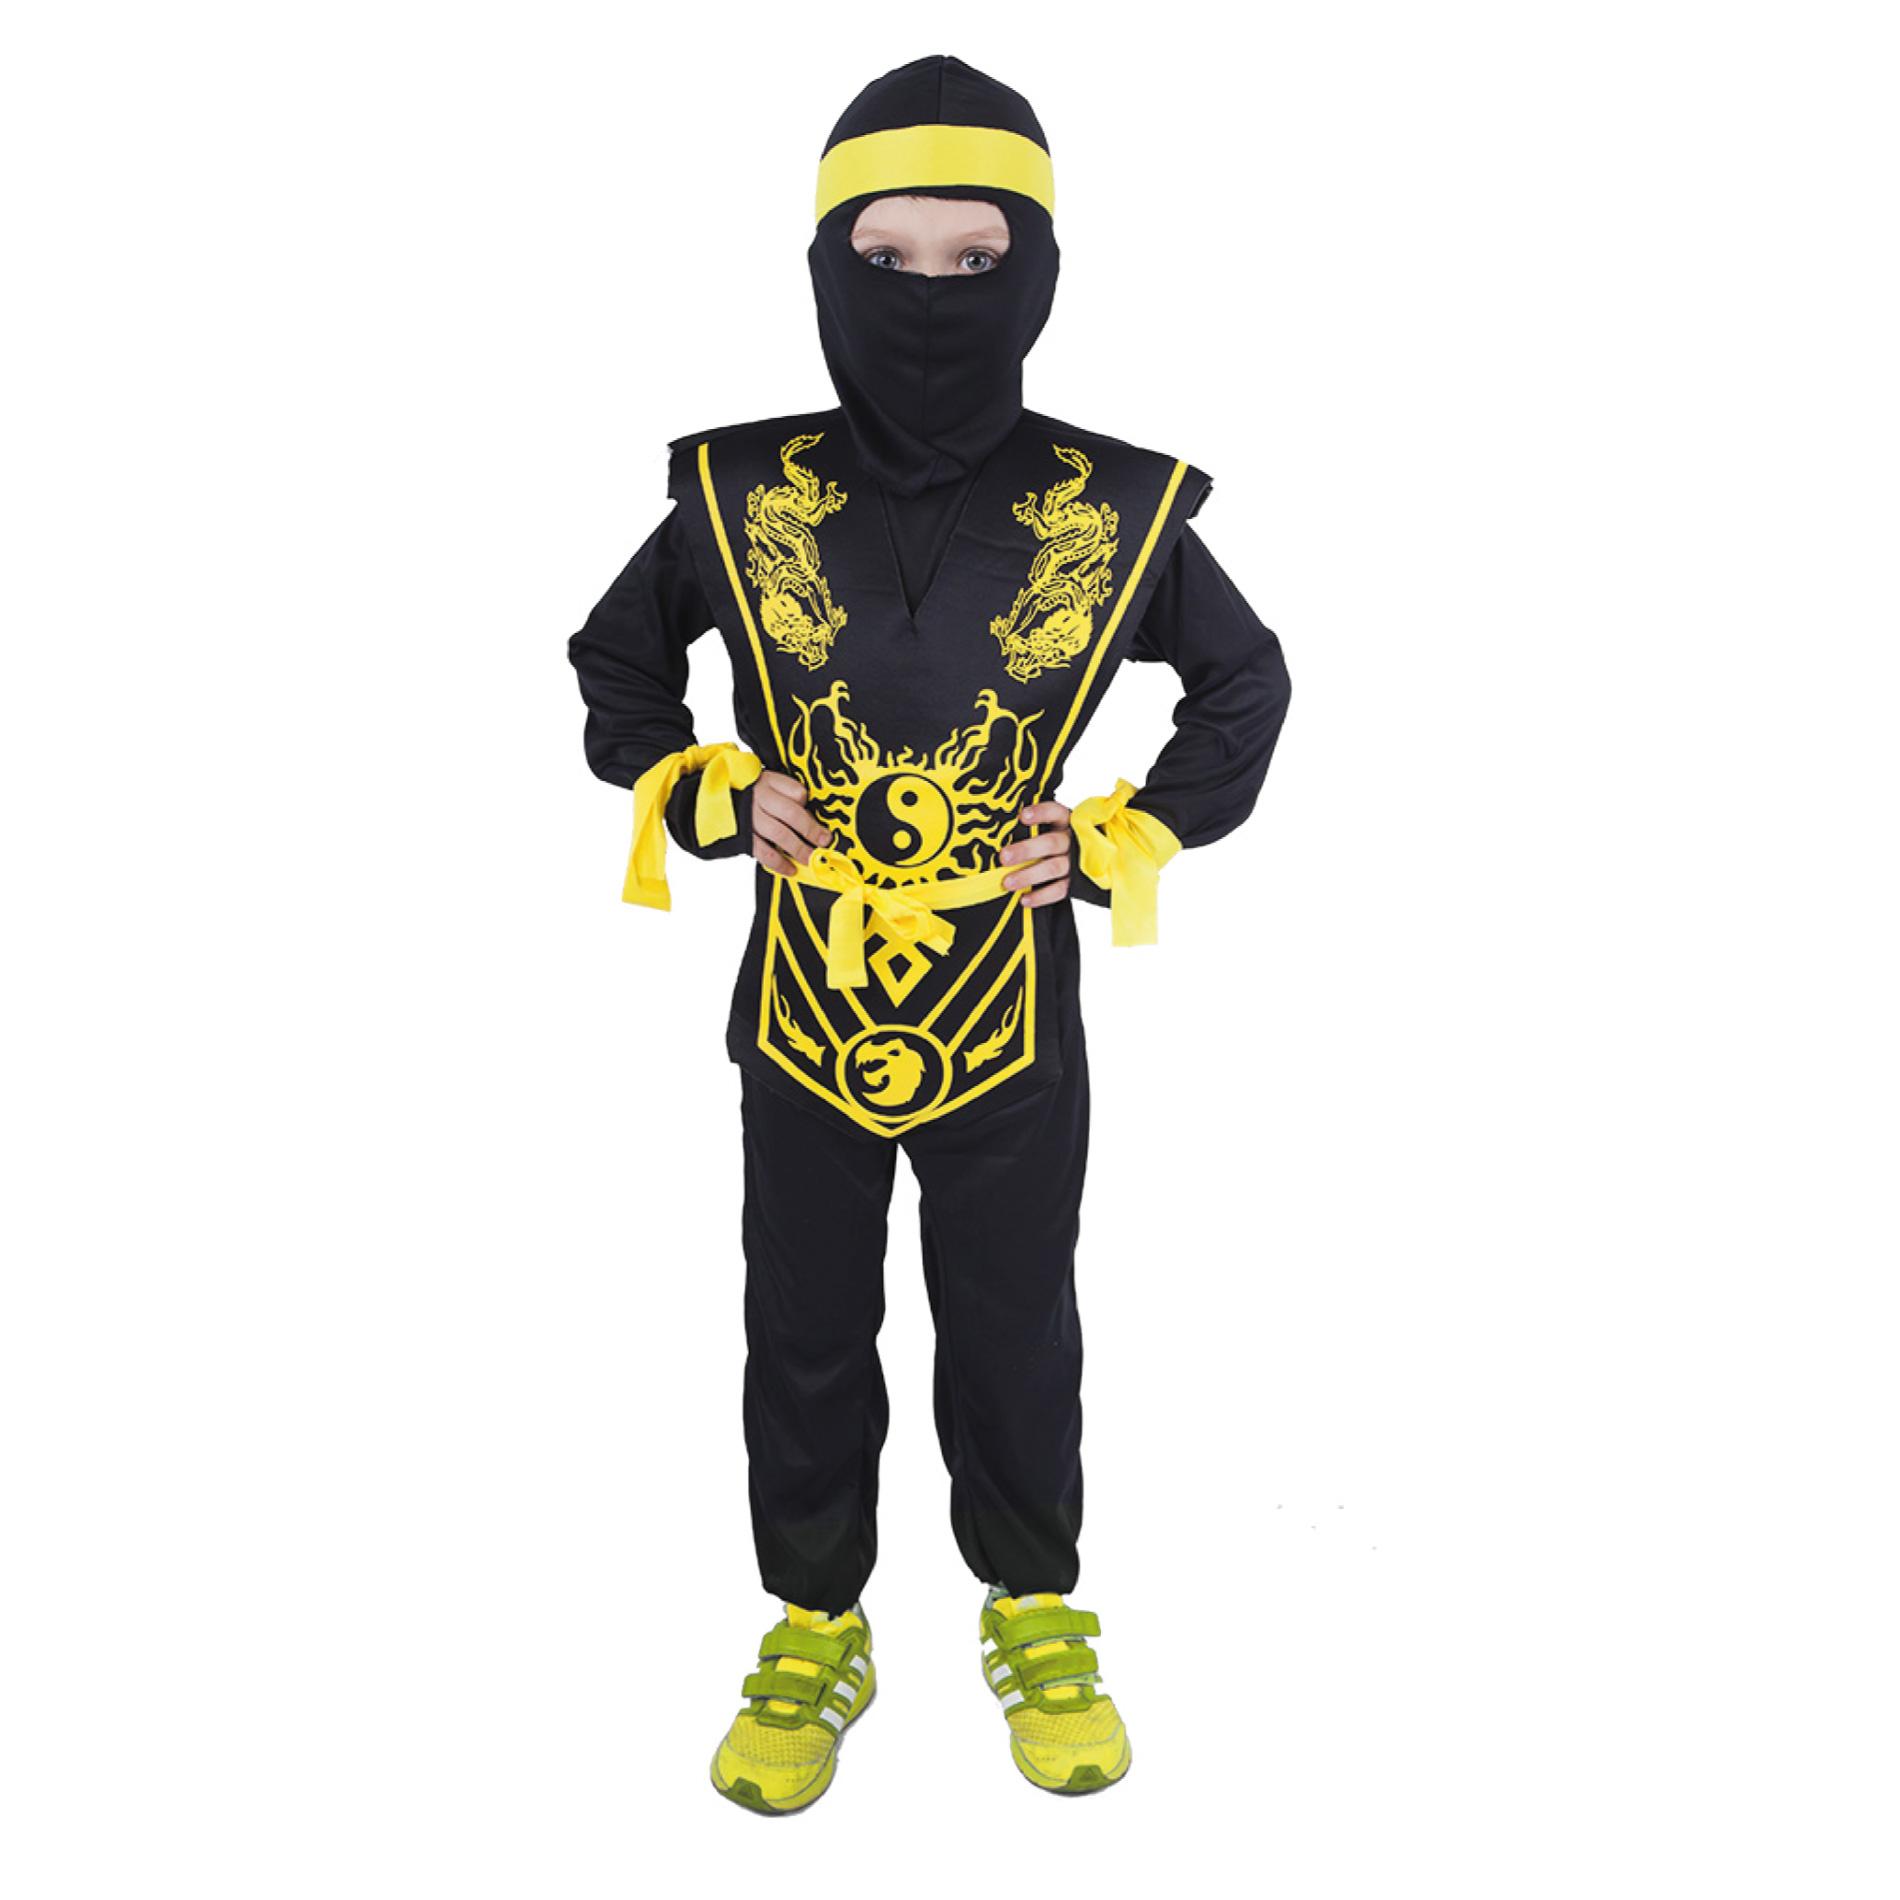 Dětský kostým žlutý ninja (M) e-obal